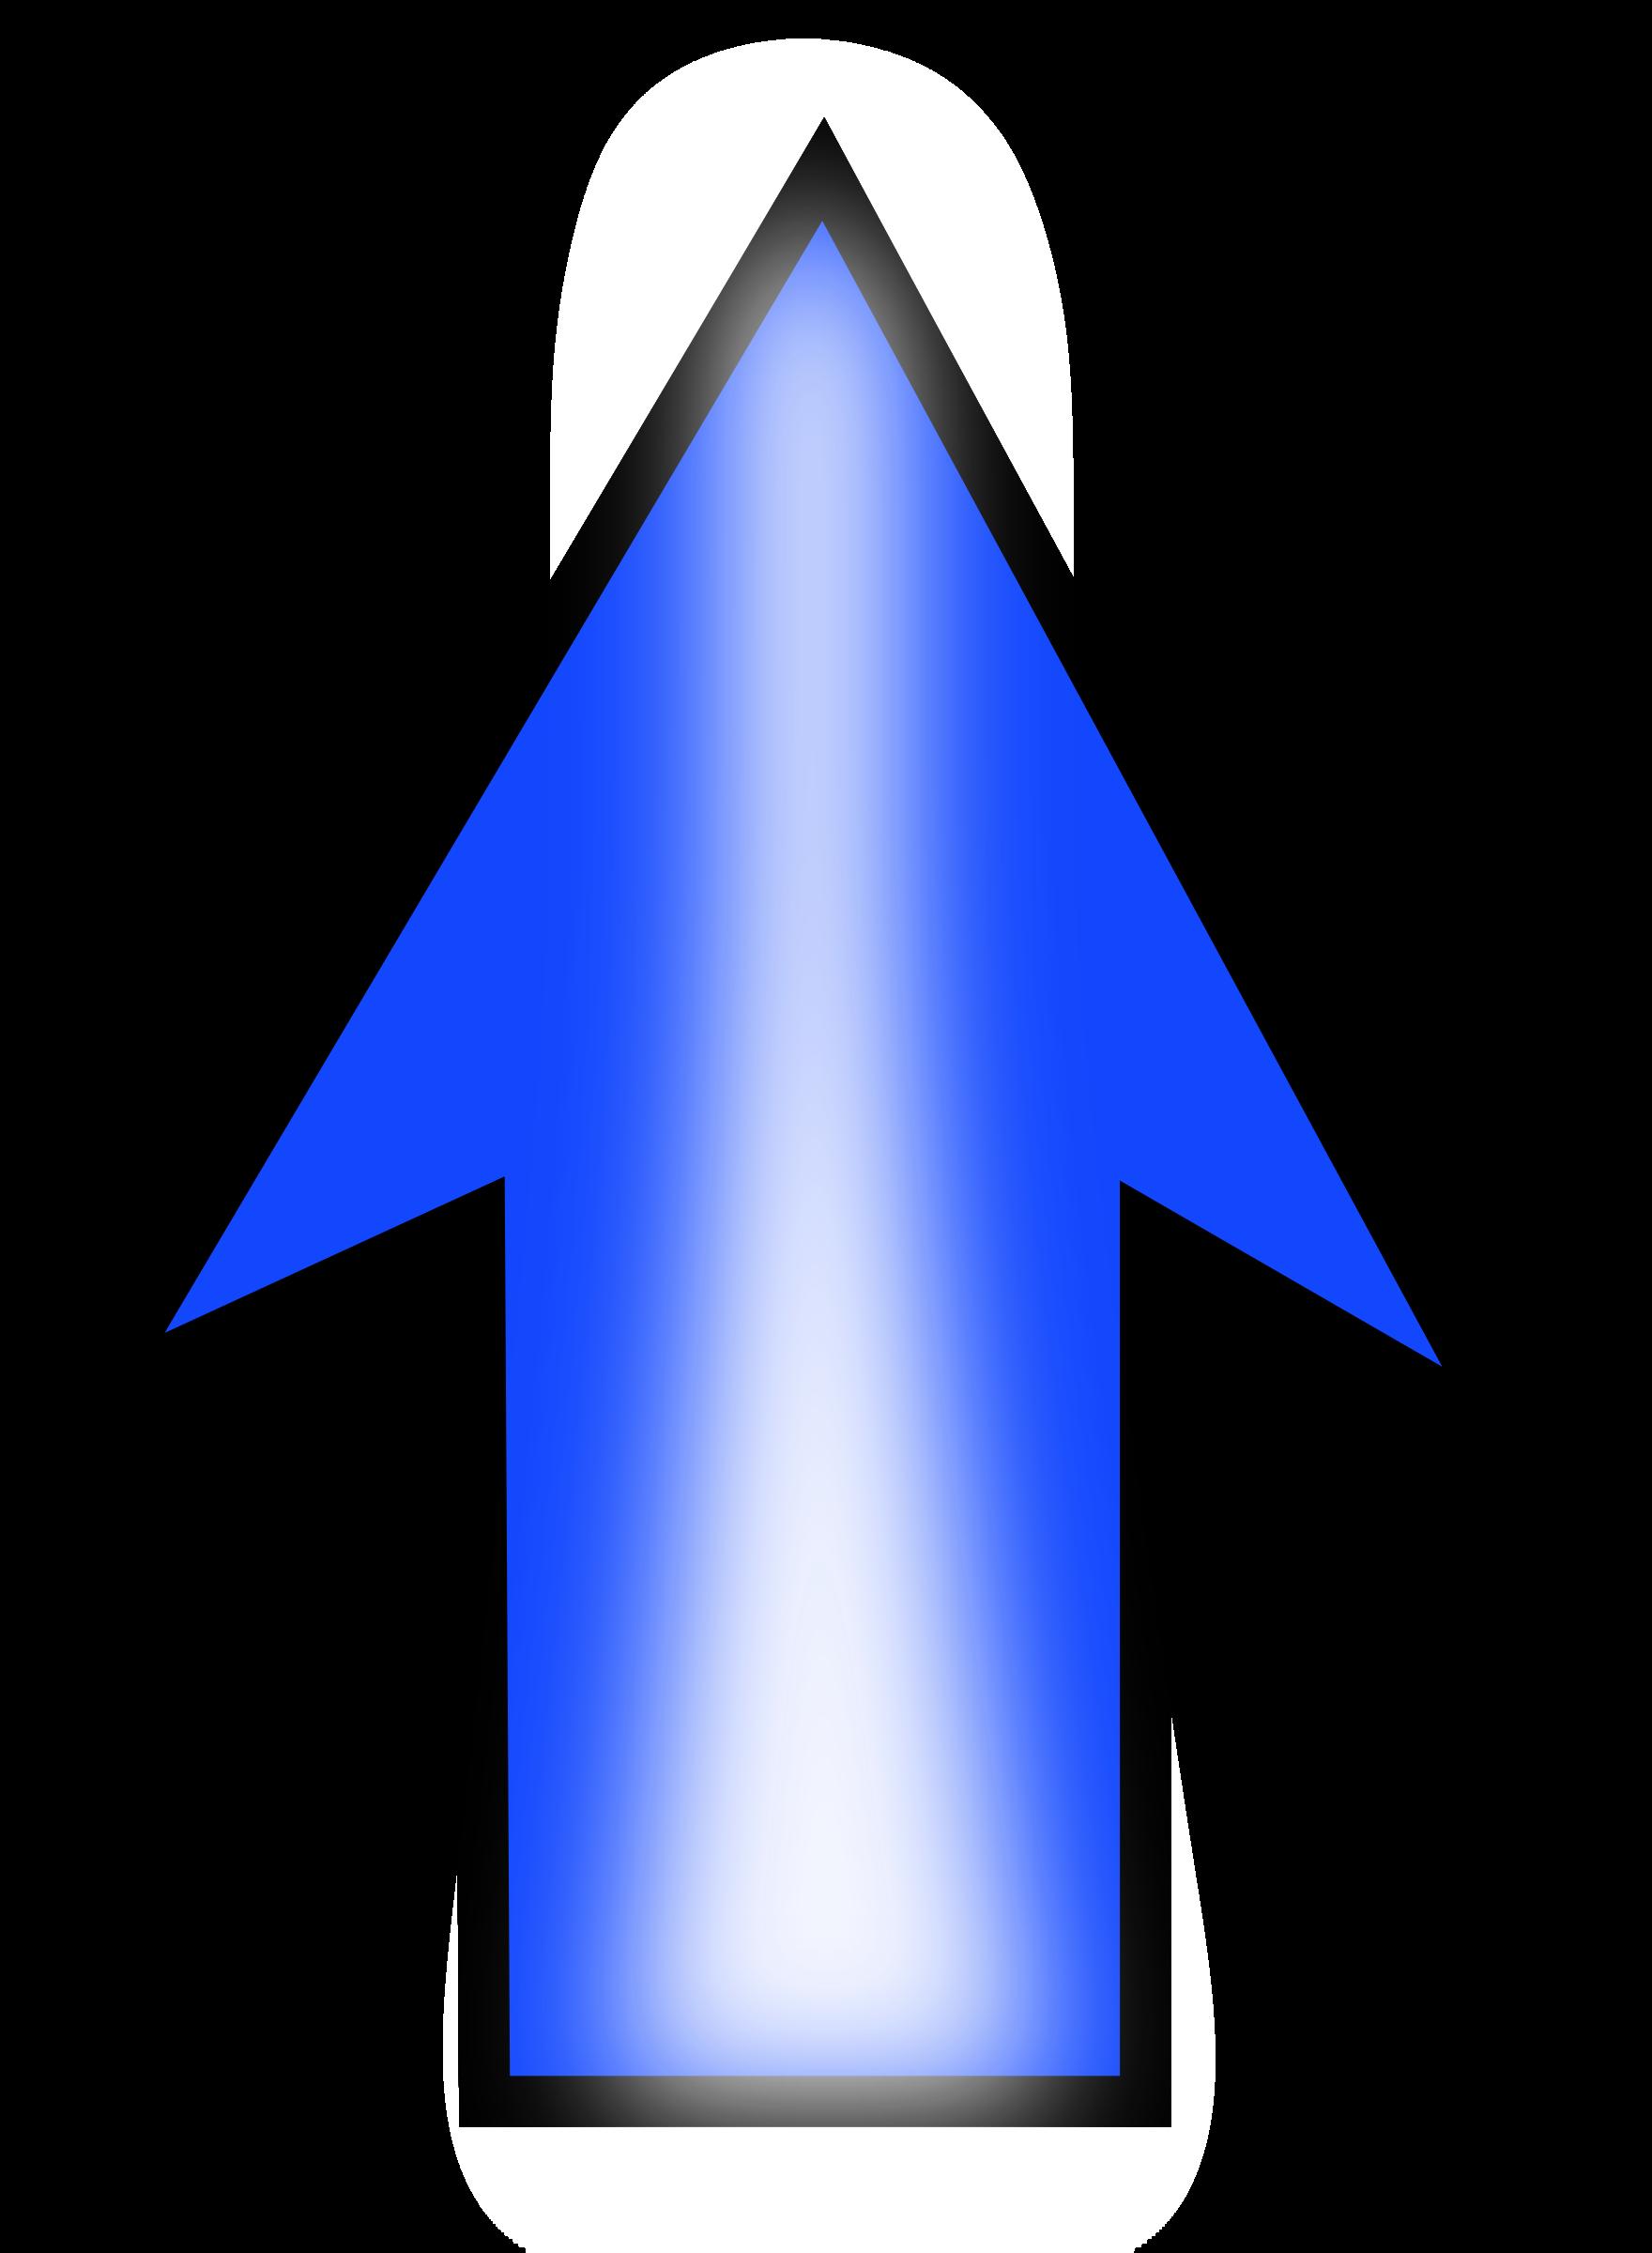 Future clipart arrow. Set big image png